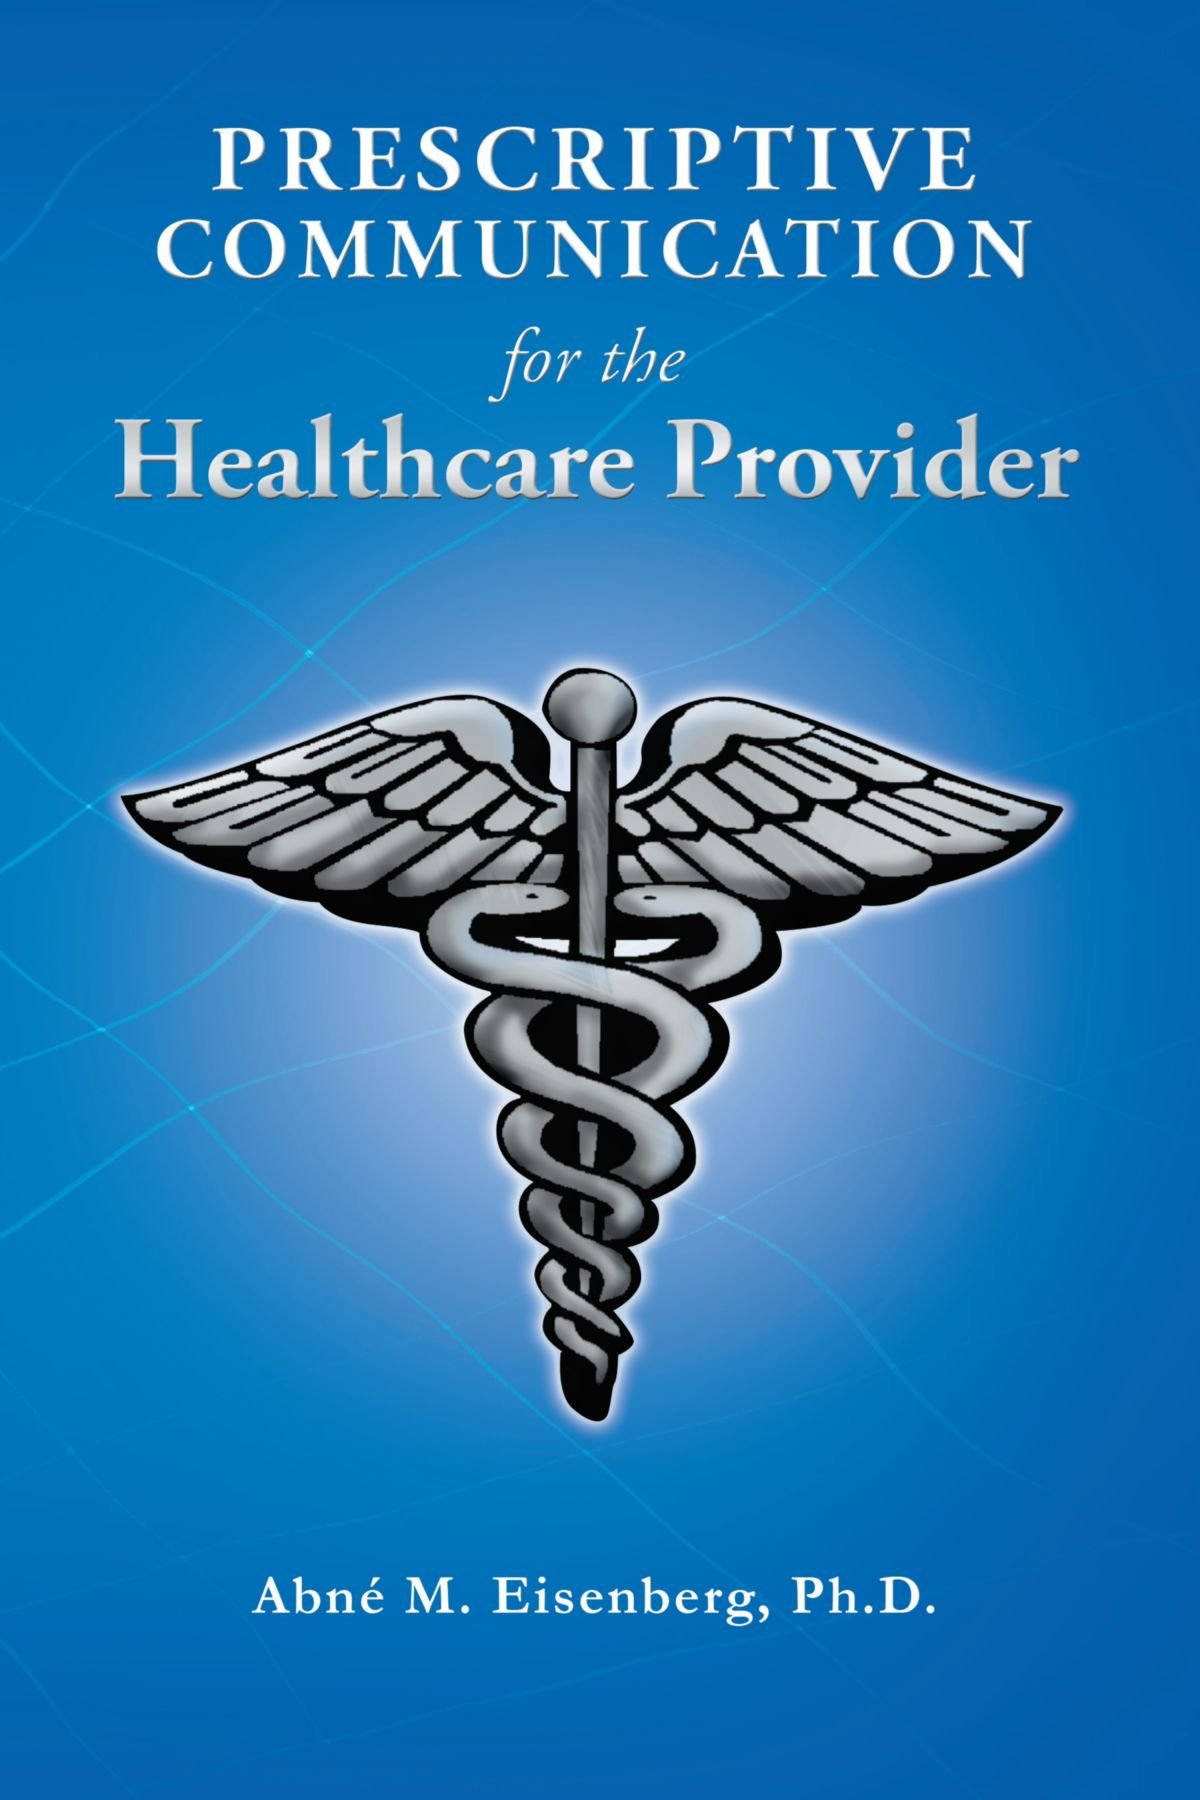 Download Prescriptive Communication for the Healthcare Provider ebook